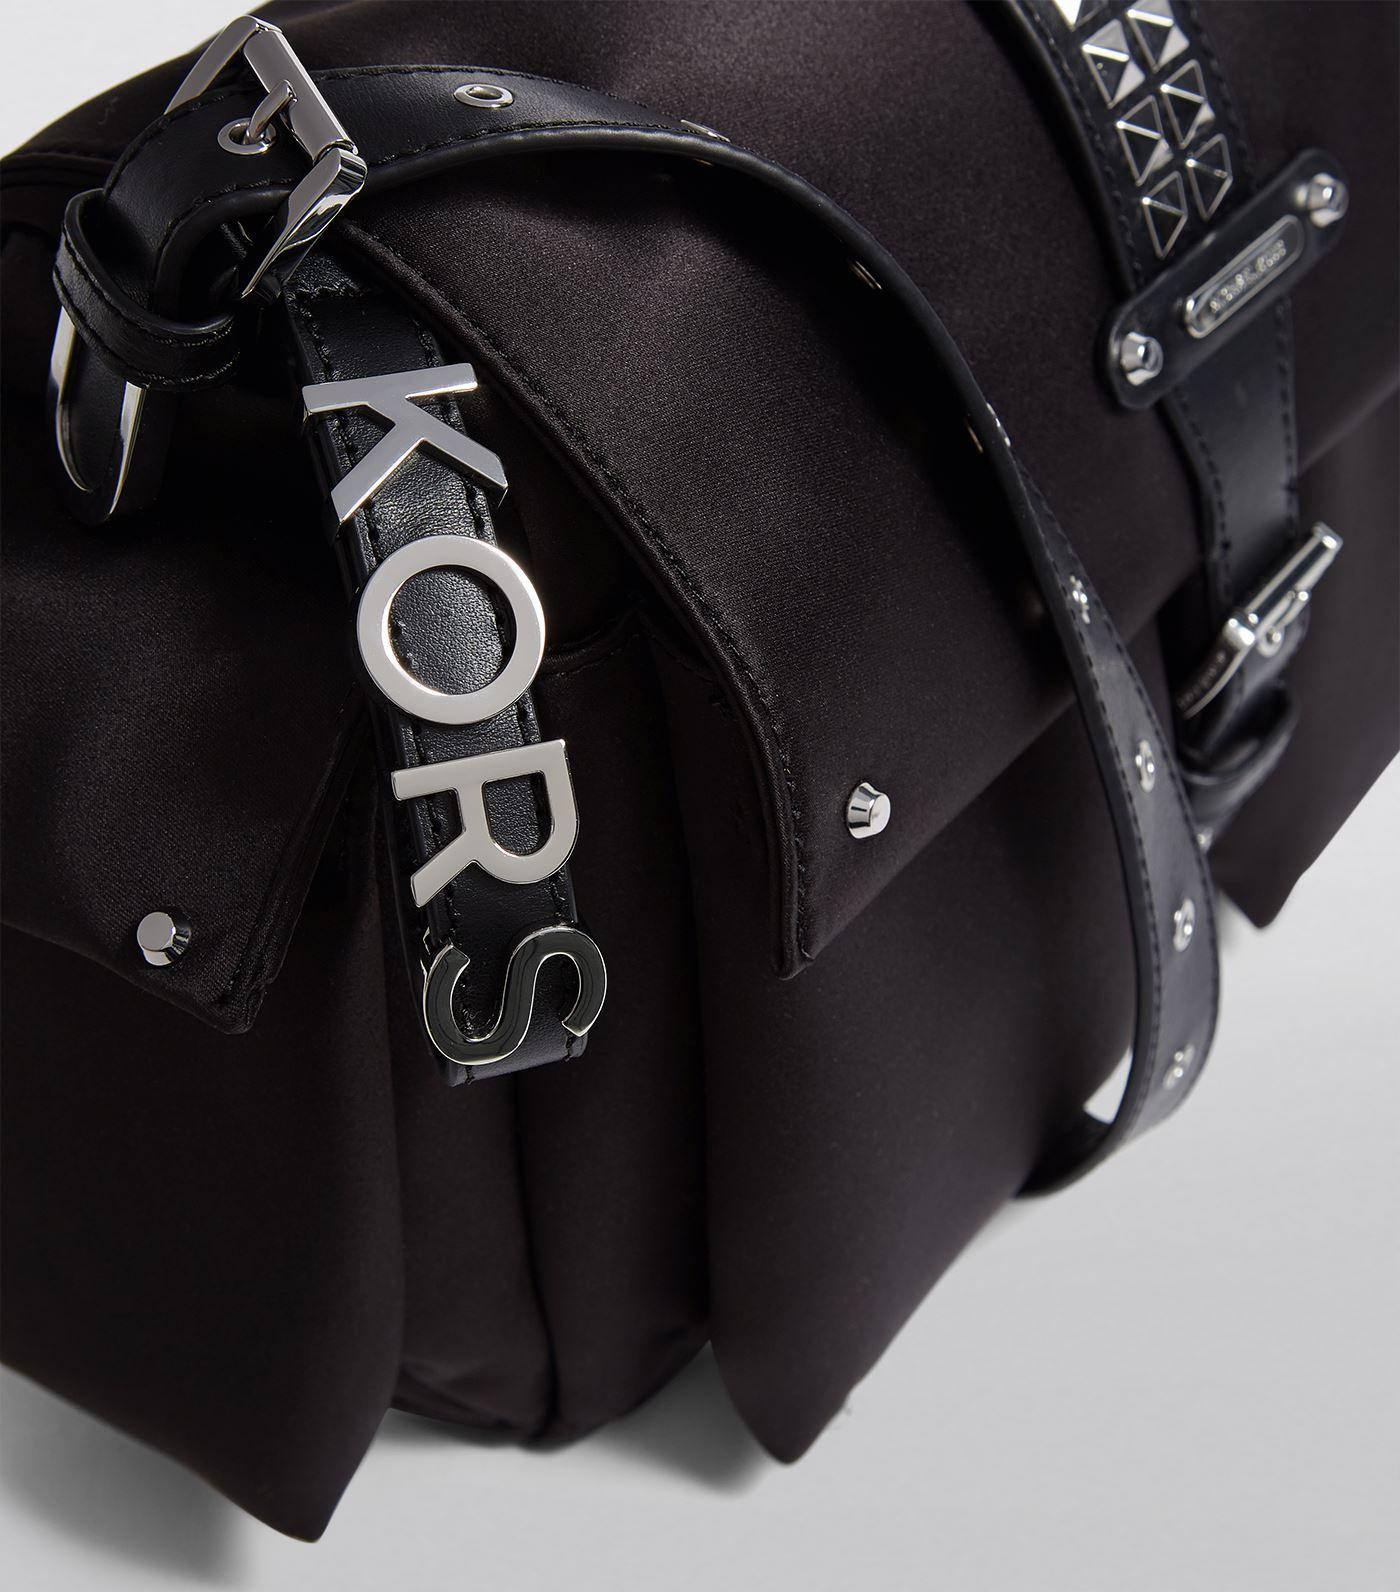 detailed look various styles many fashionable Studded Olivia Shoulder Bag   Shoulder bag, Michael kors, Bags